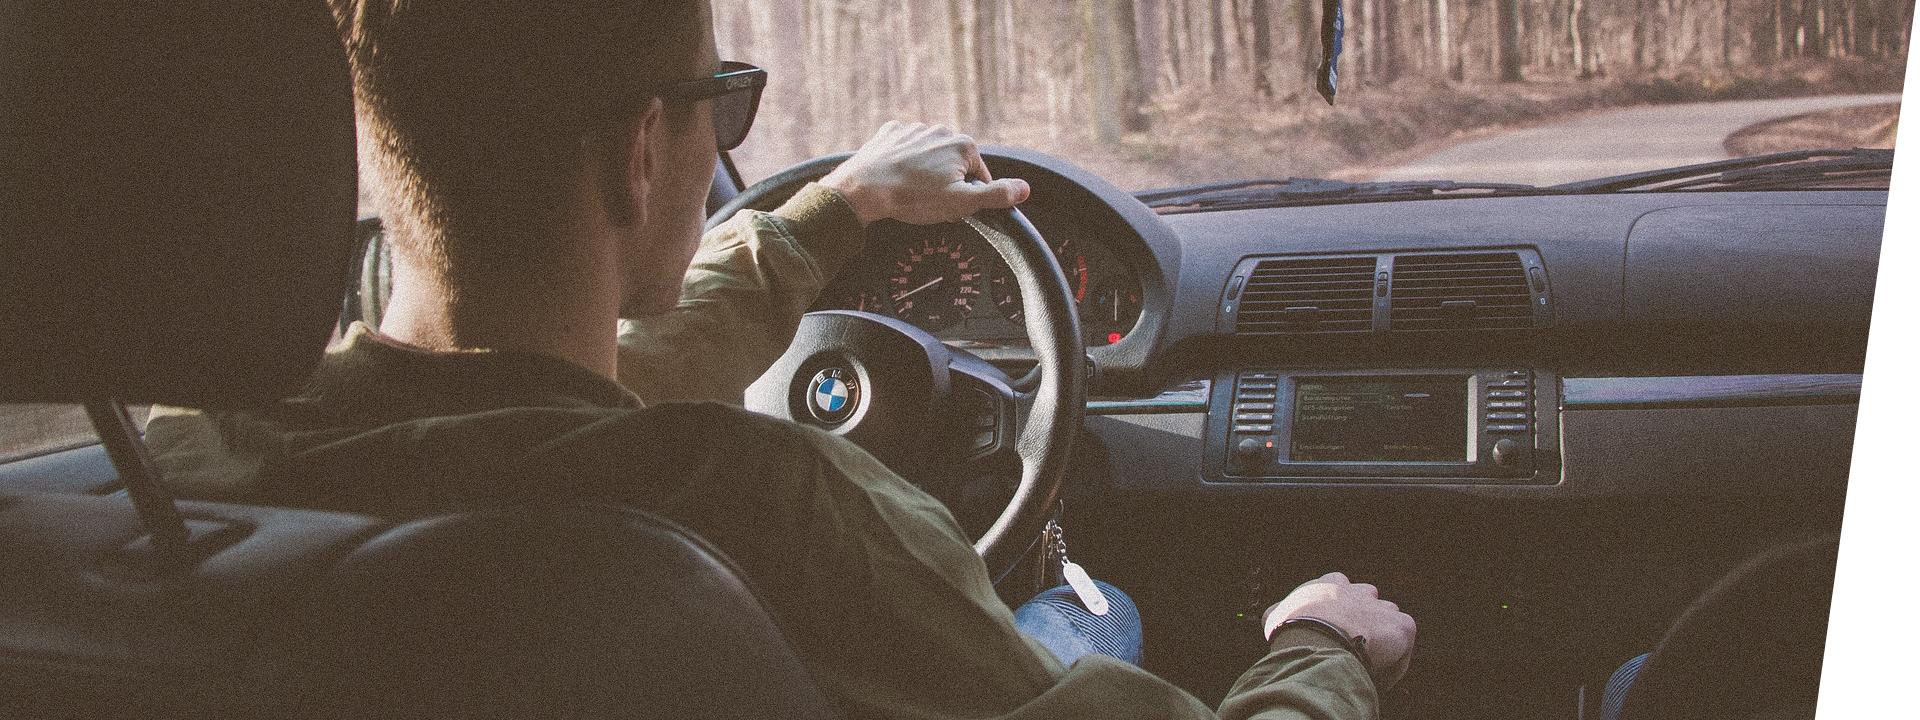 Mies ajaa autolla, BMW:llä.